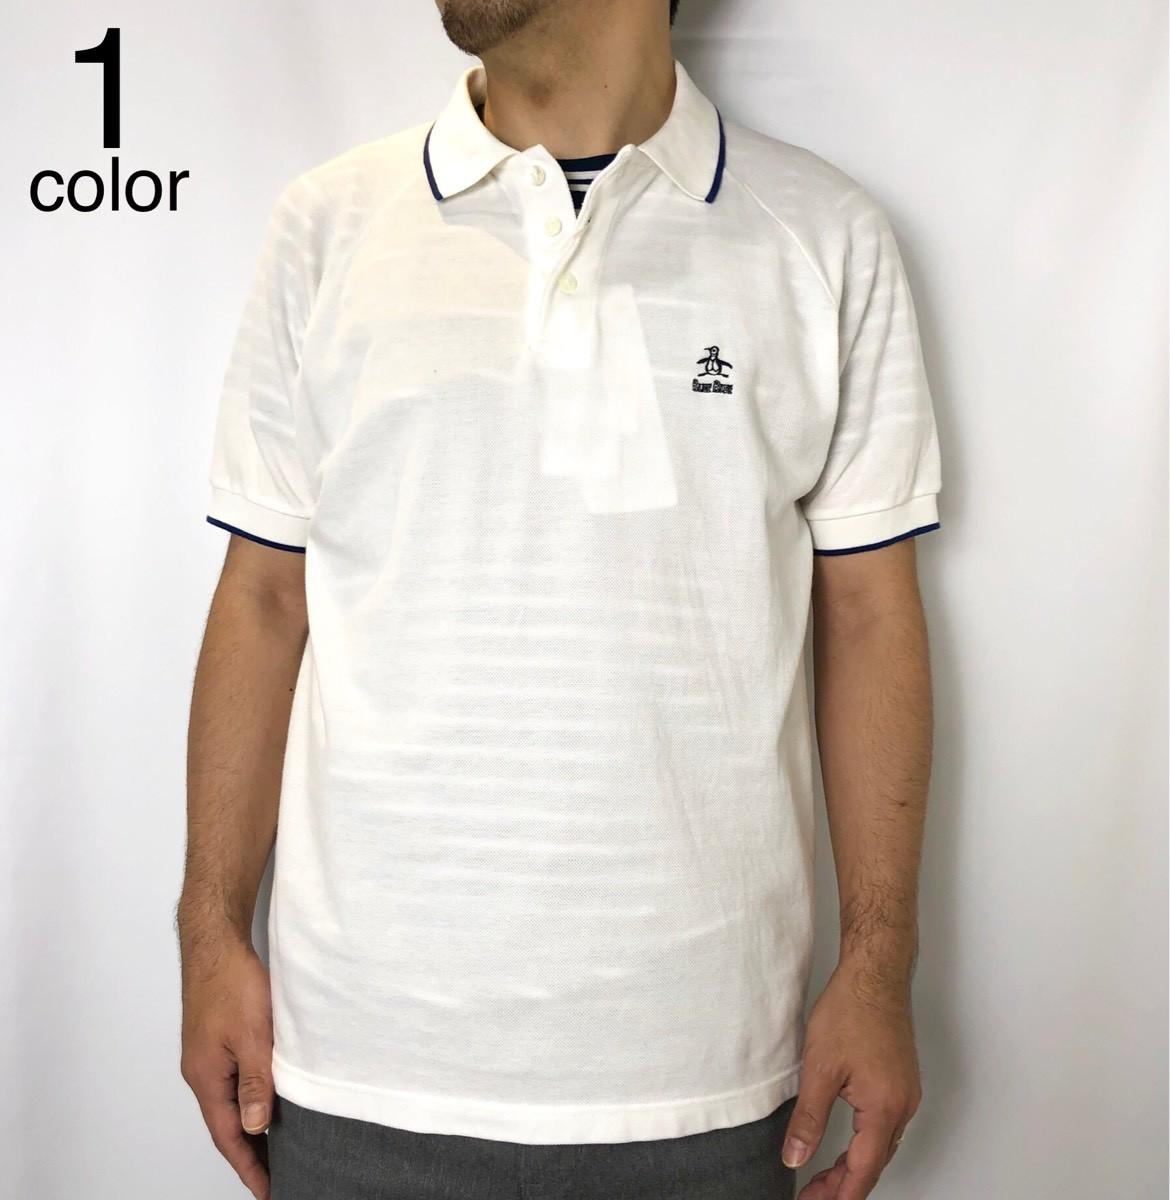 画像1: 【メンズ】マンシングウェア・ブルーブルー(MUNSINGWEAR・BLUEBLUE)Munsingwear・BLUE BLUE グランドスラム ゴルフシャツ (1)